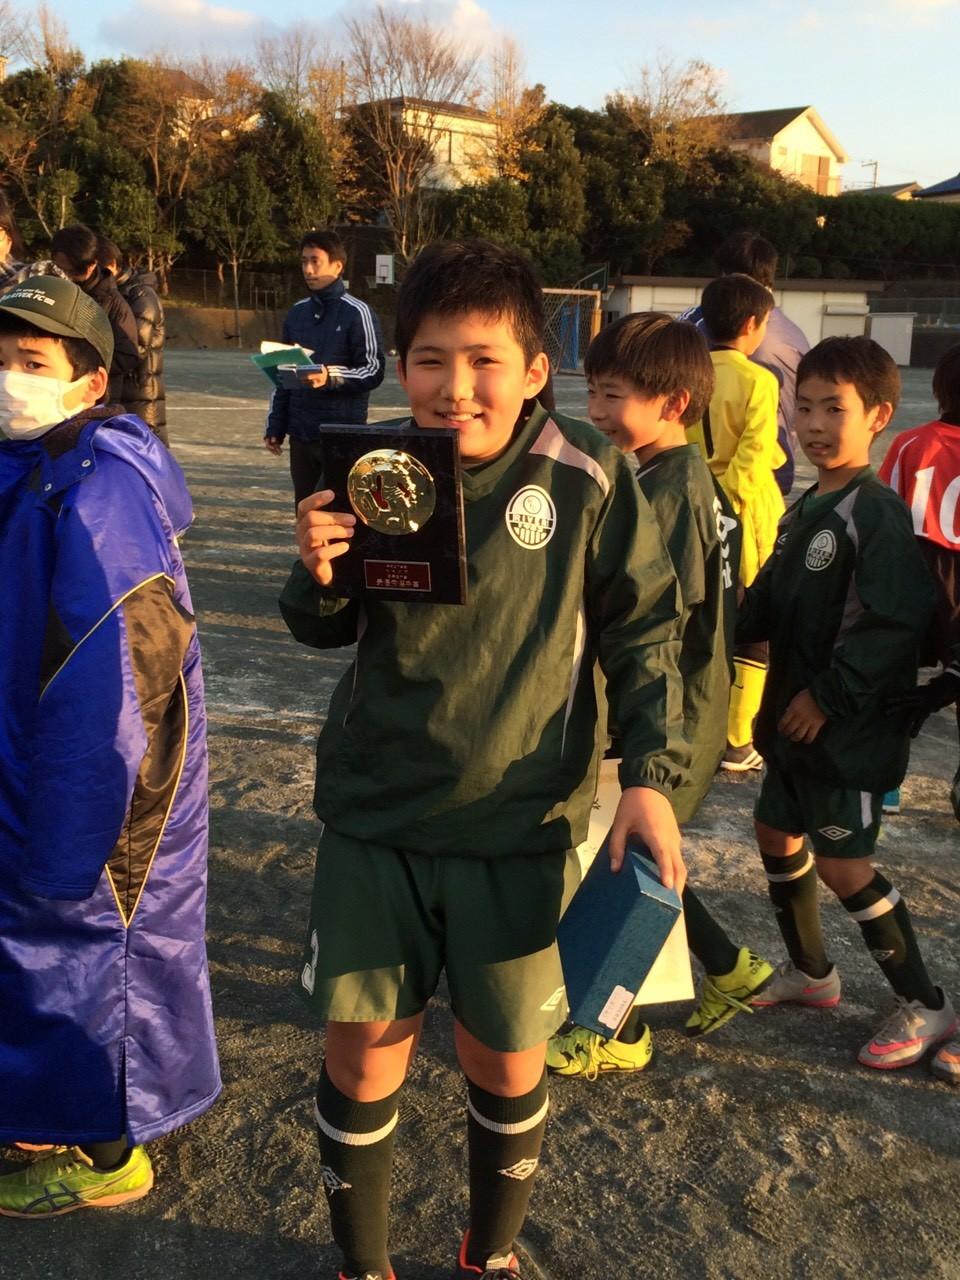 かもめ杯 U-11(5年生) 最優秀選手賞